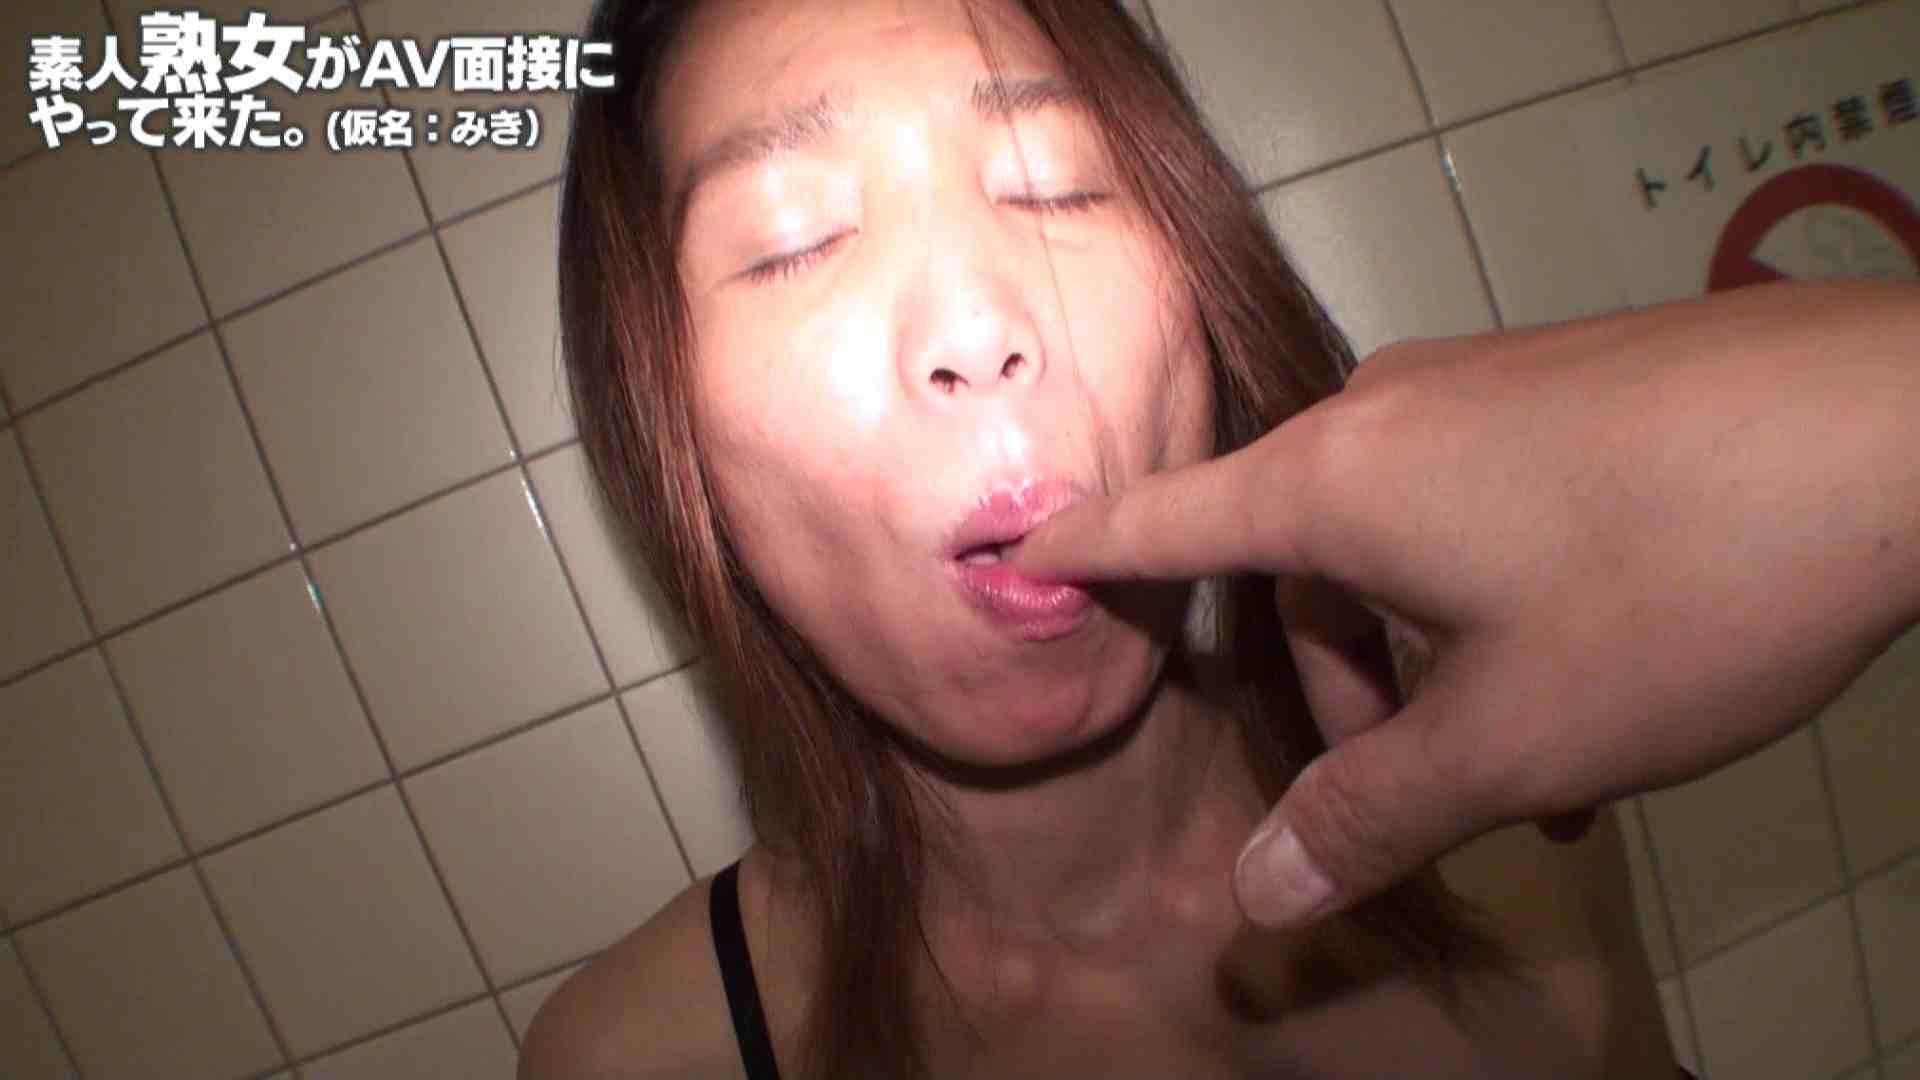 素人熟女がAV面接にやってきた (熟女)みきさんVOL.03 洗面所 のぞき動画キャプチャ 105pic 54